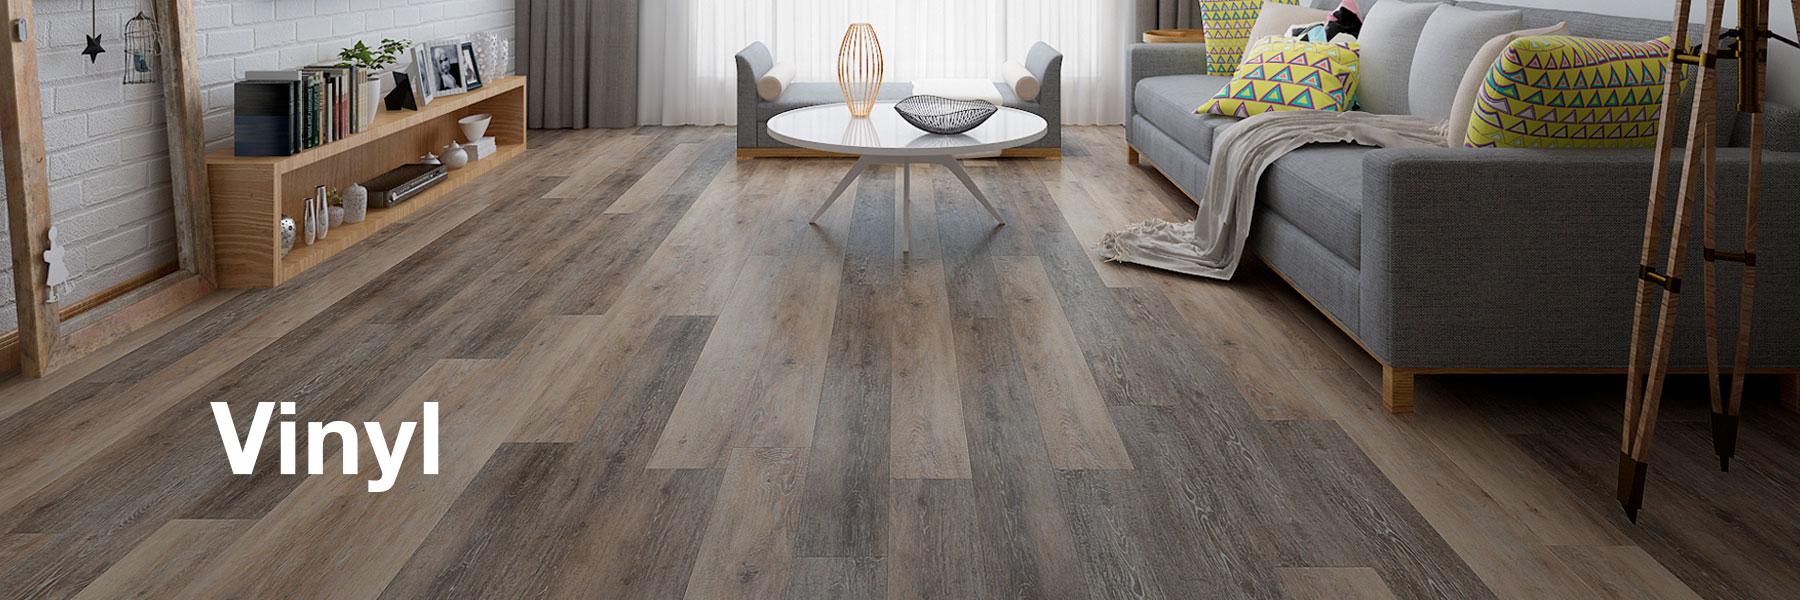 1867 vinyl flooring